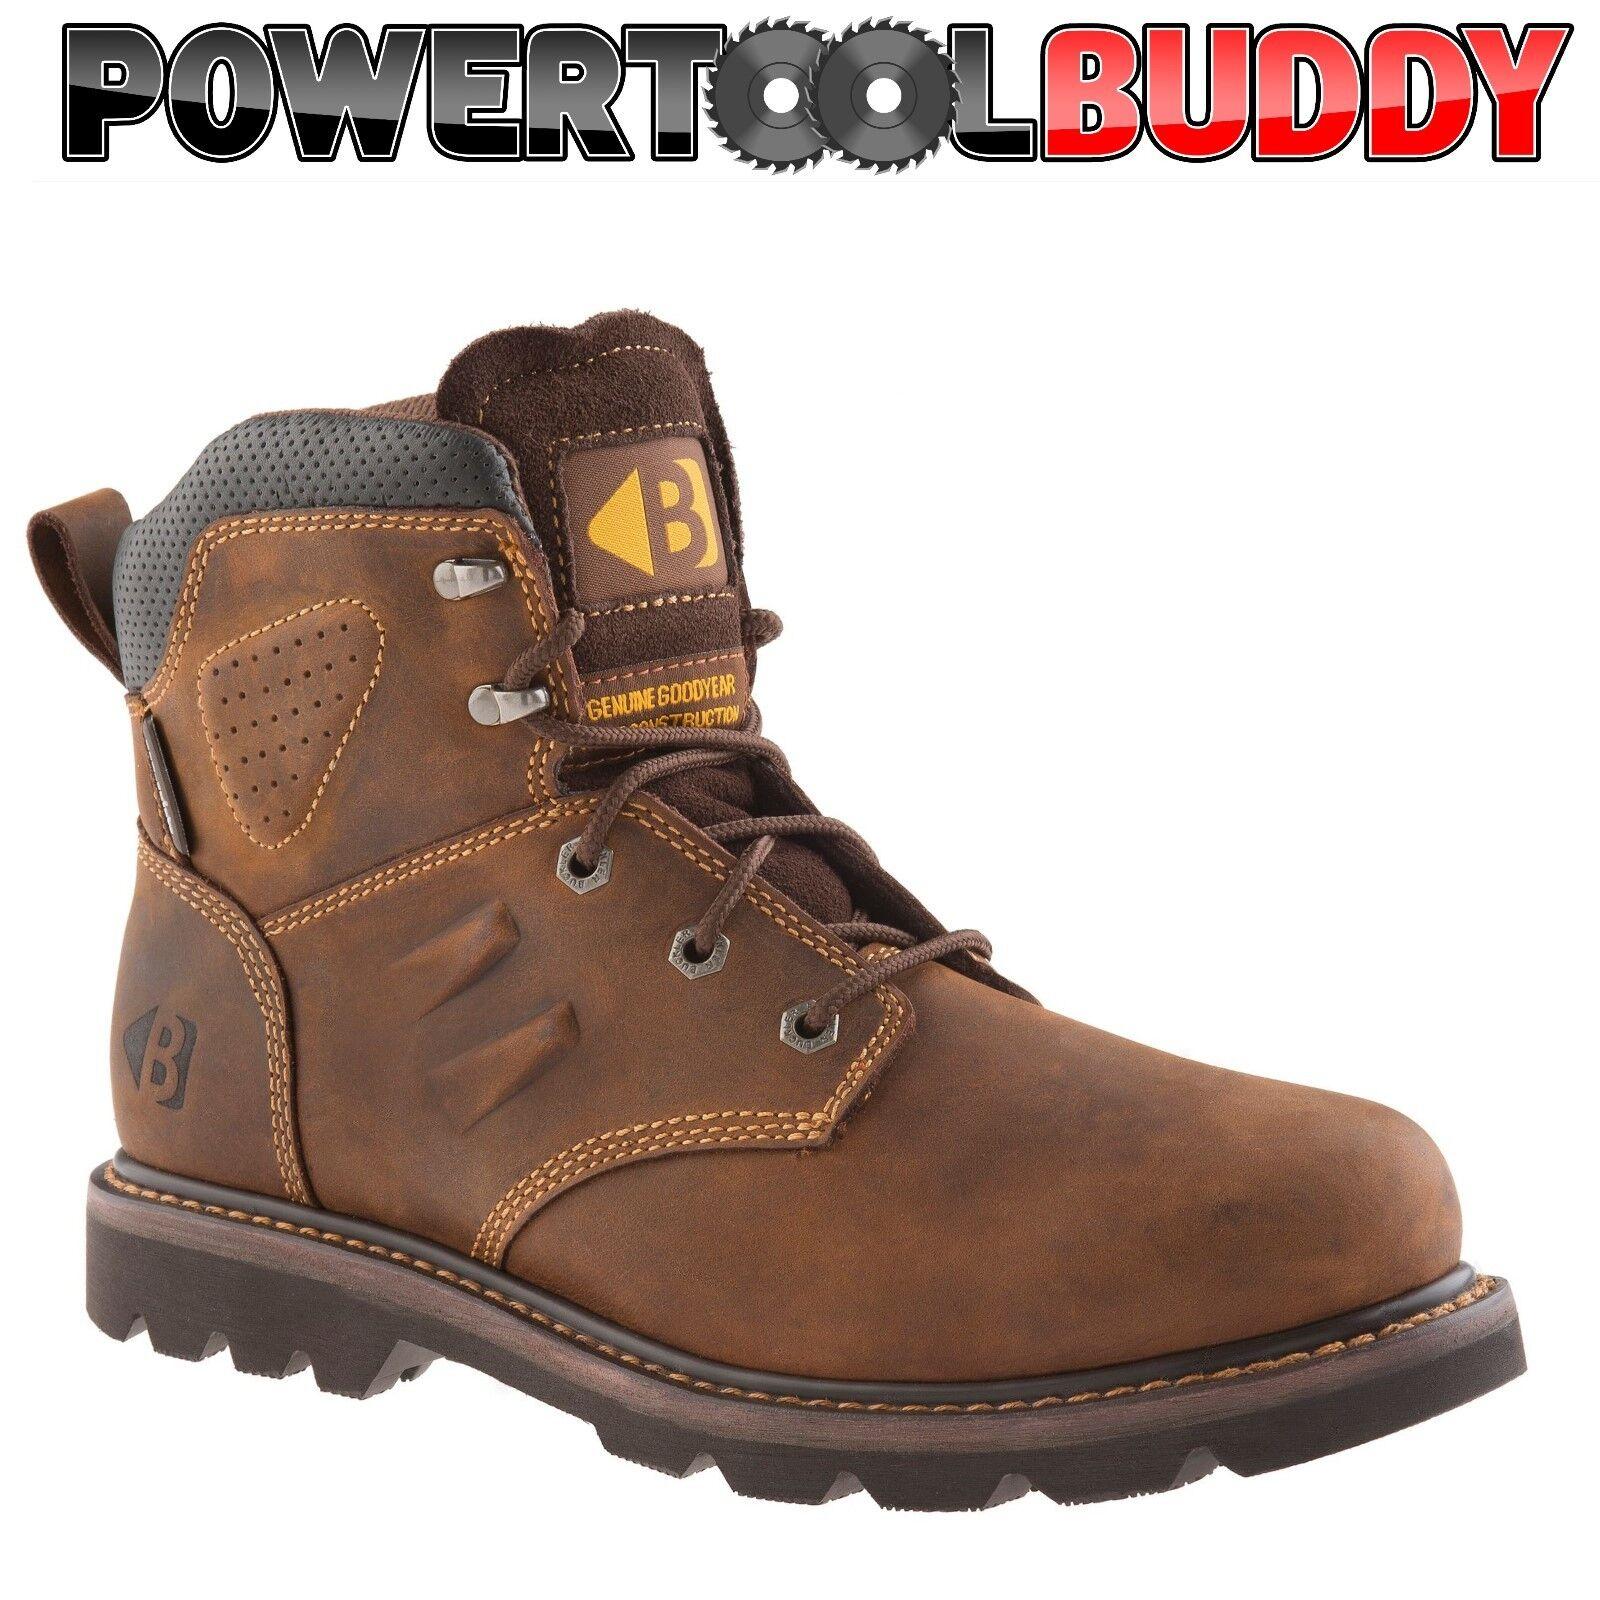 Buckler B1800 non-safety Buckflex Crazy Horse Leather non-safety B1800 ankle botas sz 6/40--13/47 e4b586